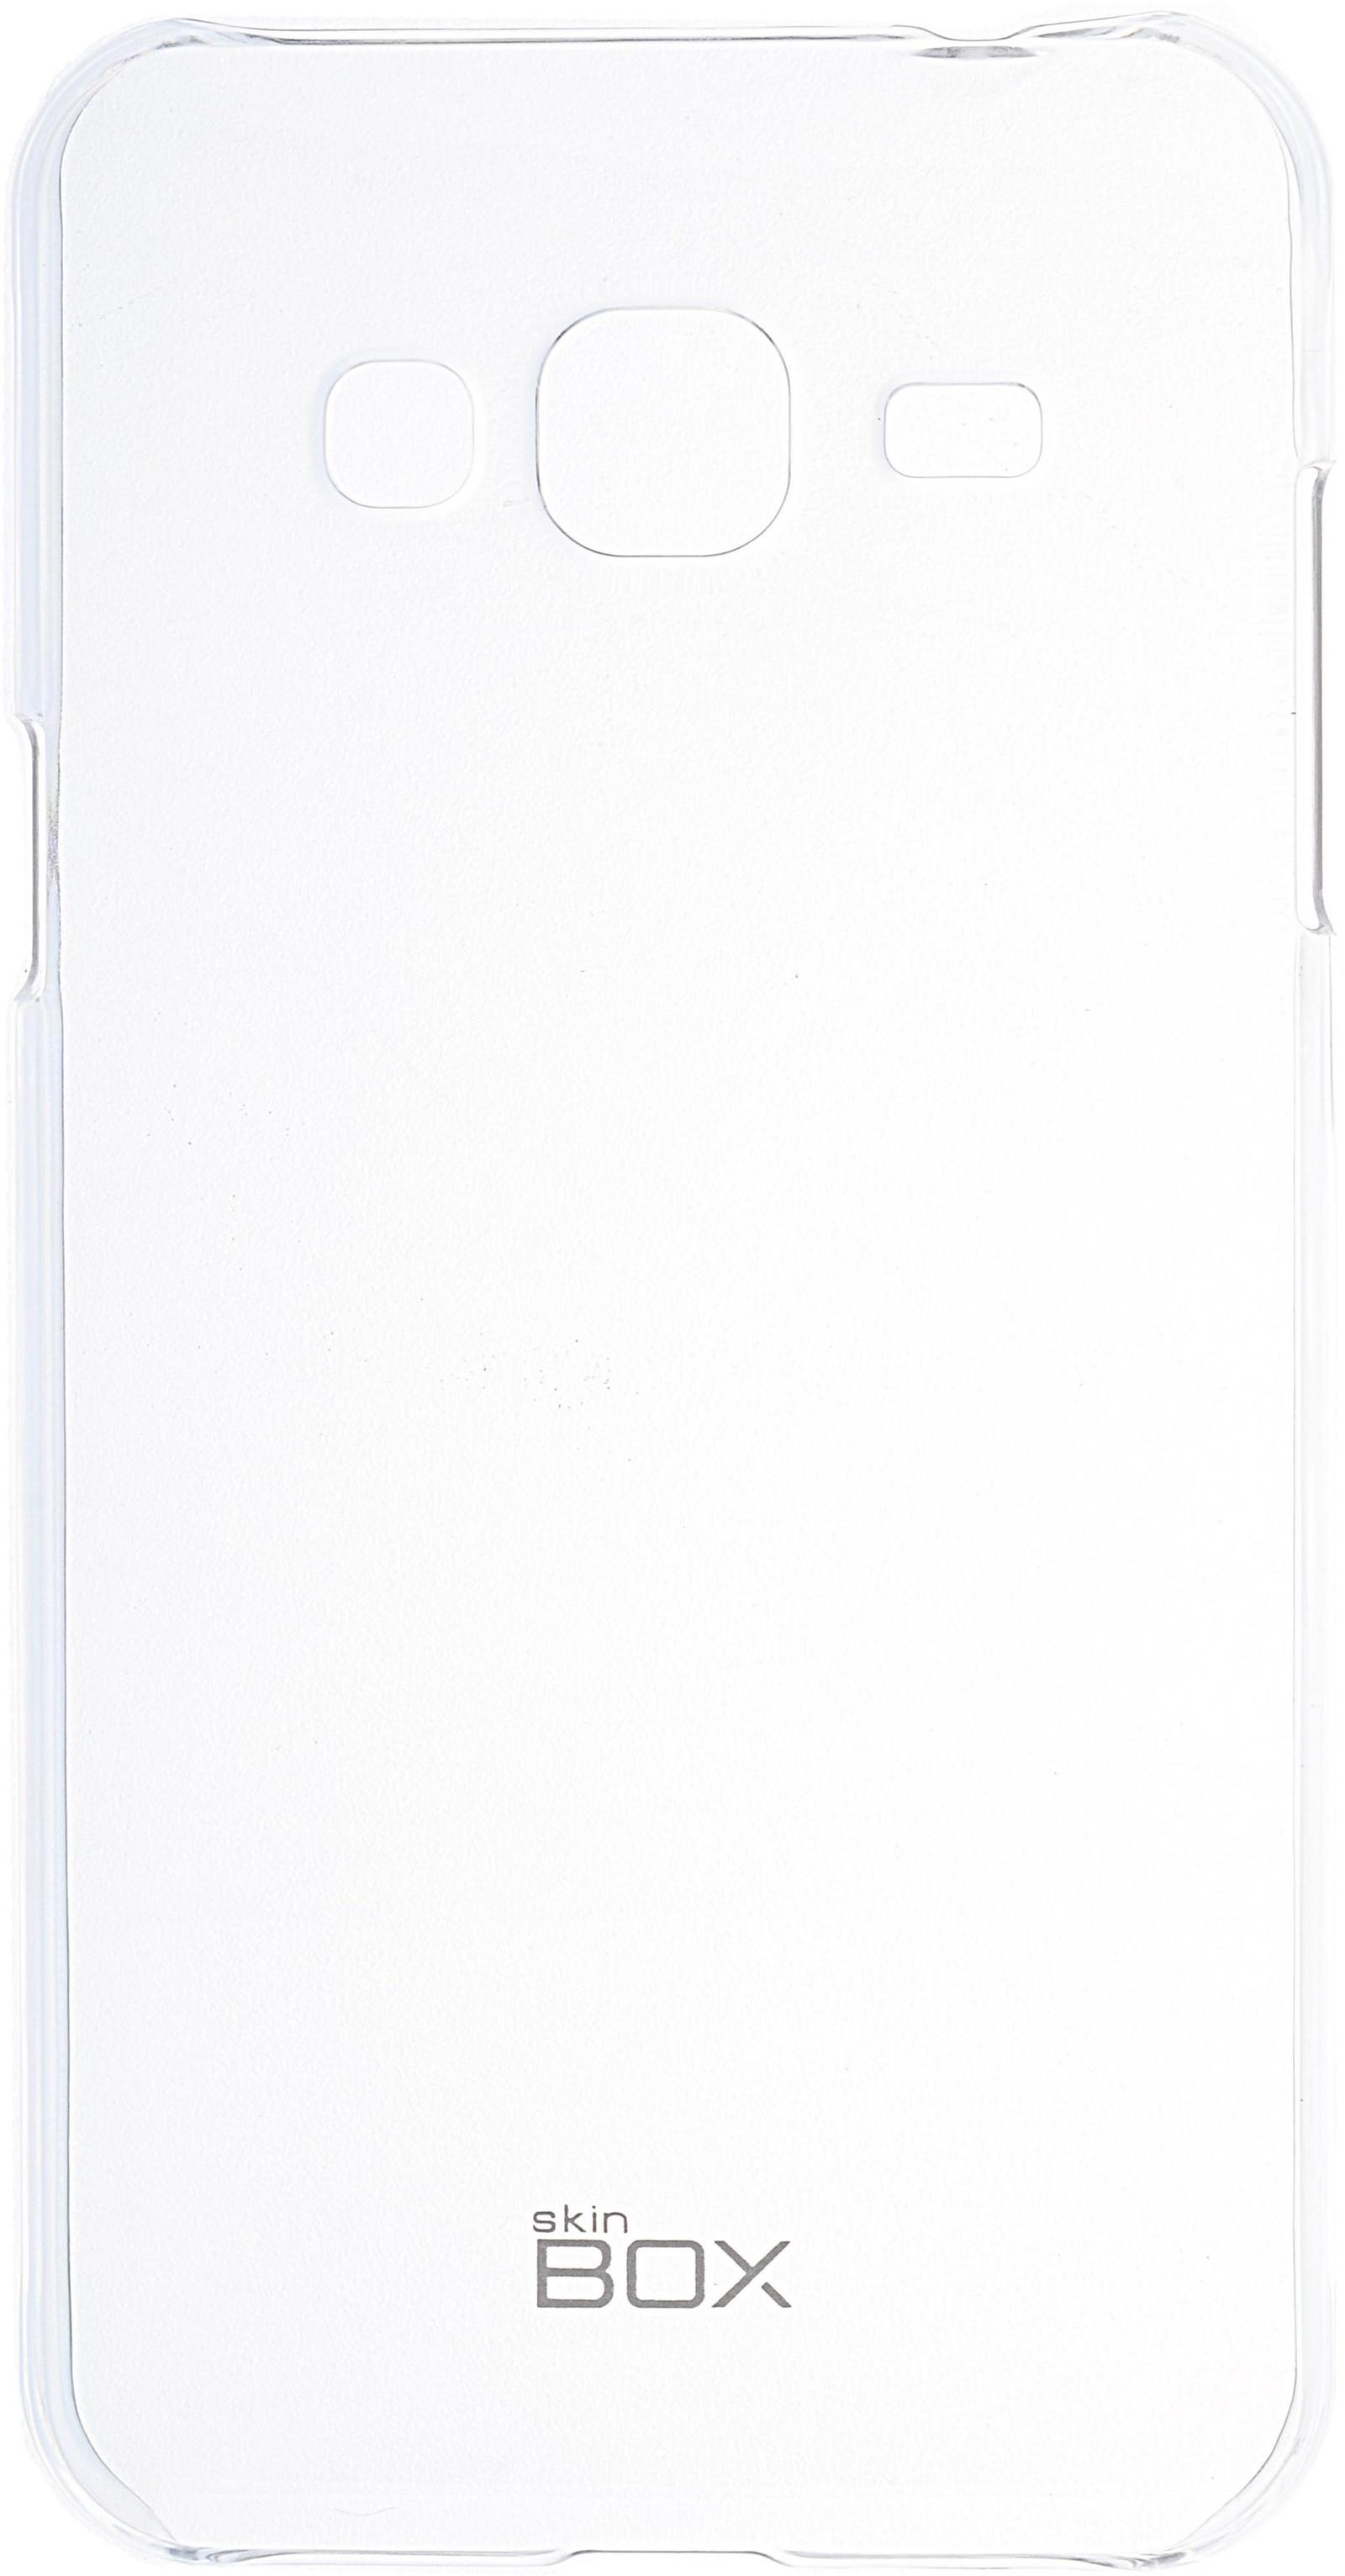 Чехол для сотового телефона skinBOX Crystal, 4660041407419, прозрачный чехол для сотового телефона skinbox crystal 4630042524613 прозрачный